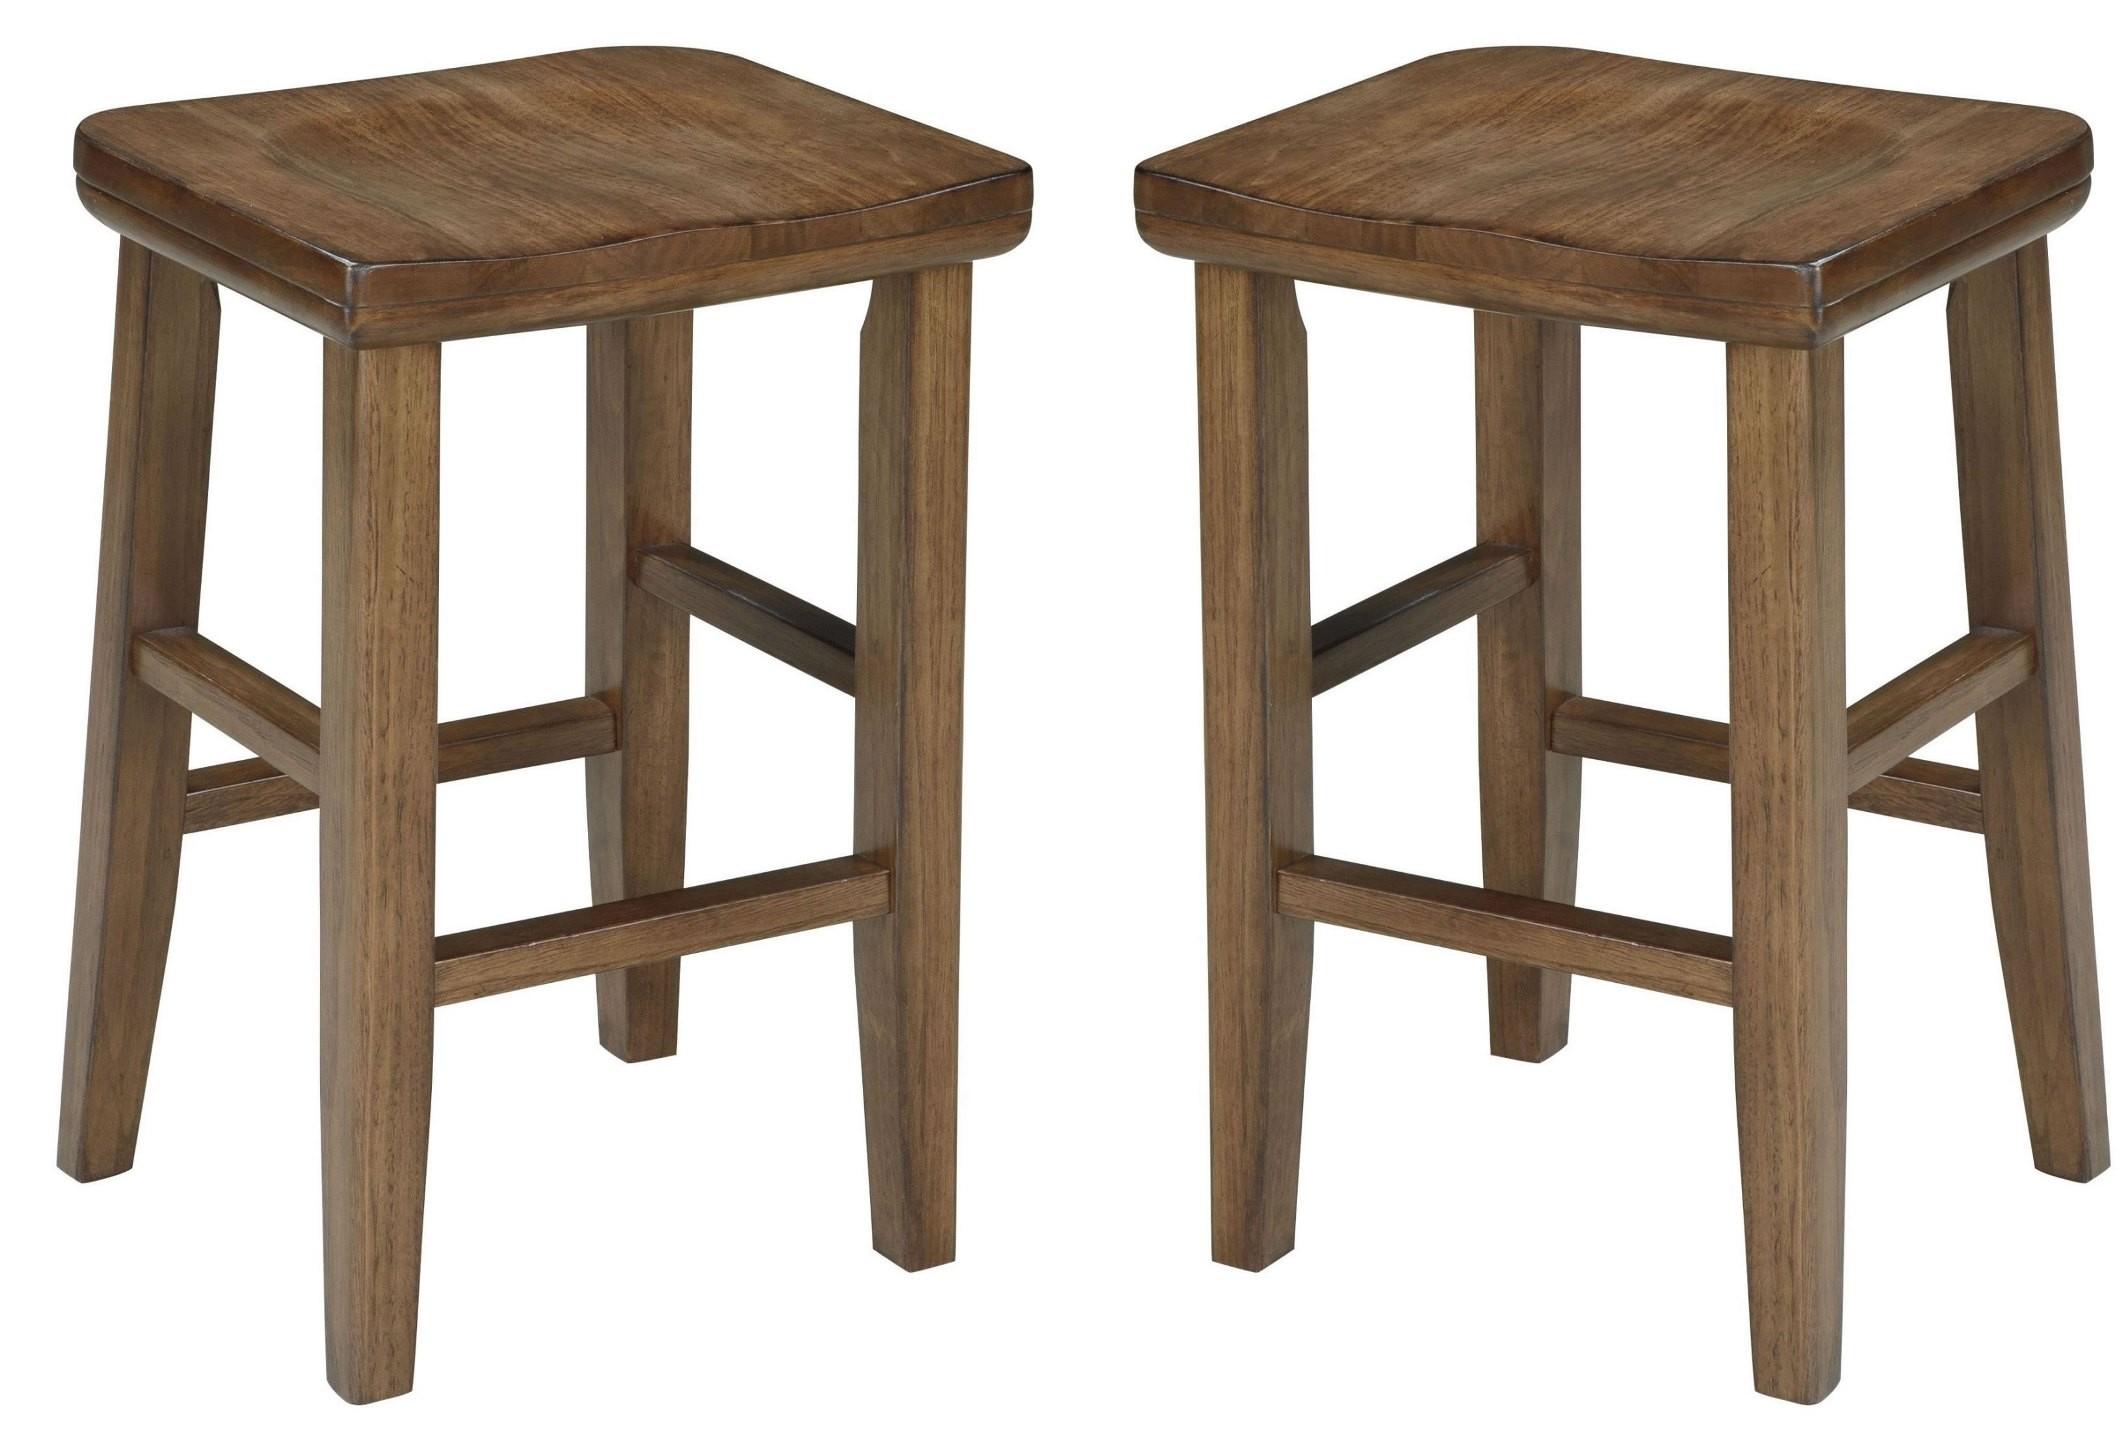 Birnalla stool set of 2 d585 124 ashley furniture for Furniture 124